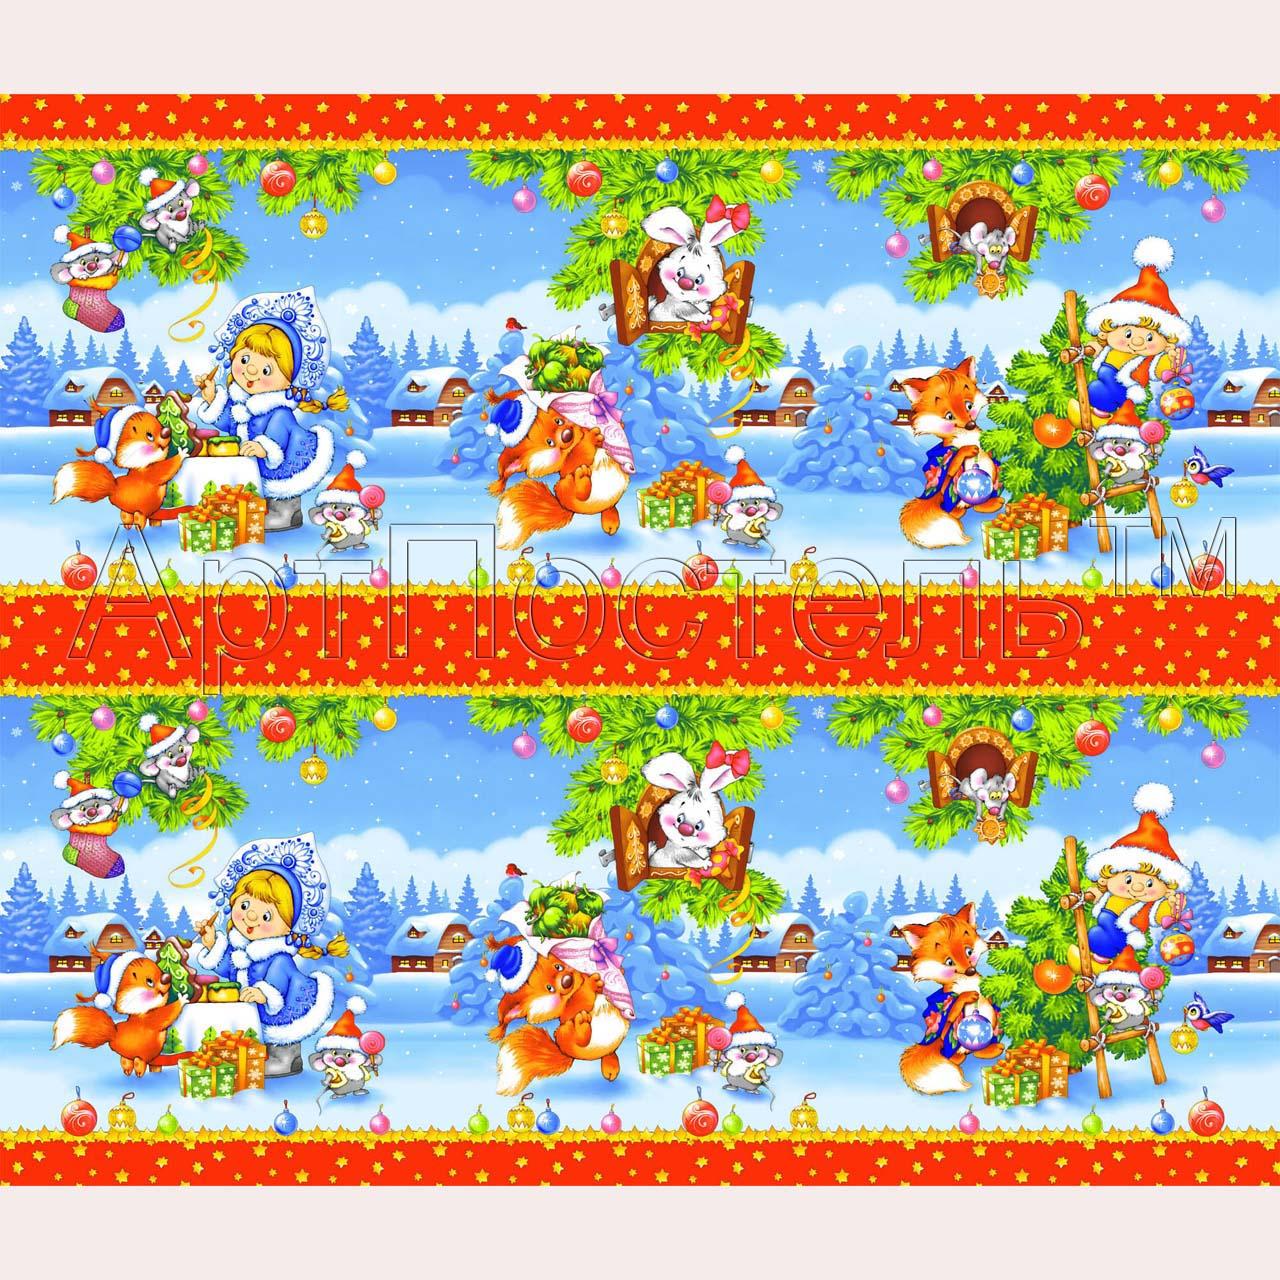 Набор полотенец Волшебный лес р. 45х60Вафельные полотенца<br>Плотность:160 г/кв. м<br><br>Тип: Набор полотенец<br>Размер: 45х60<br>Материал: Вафельное полотно